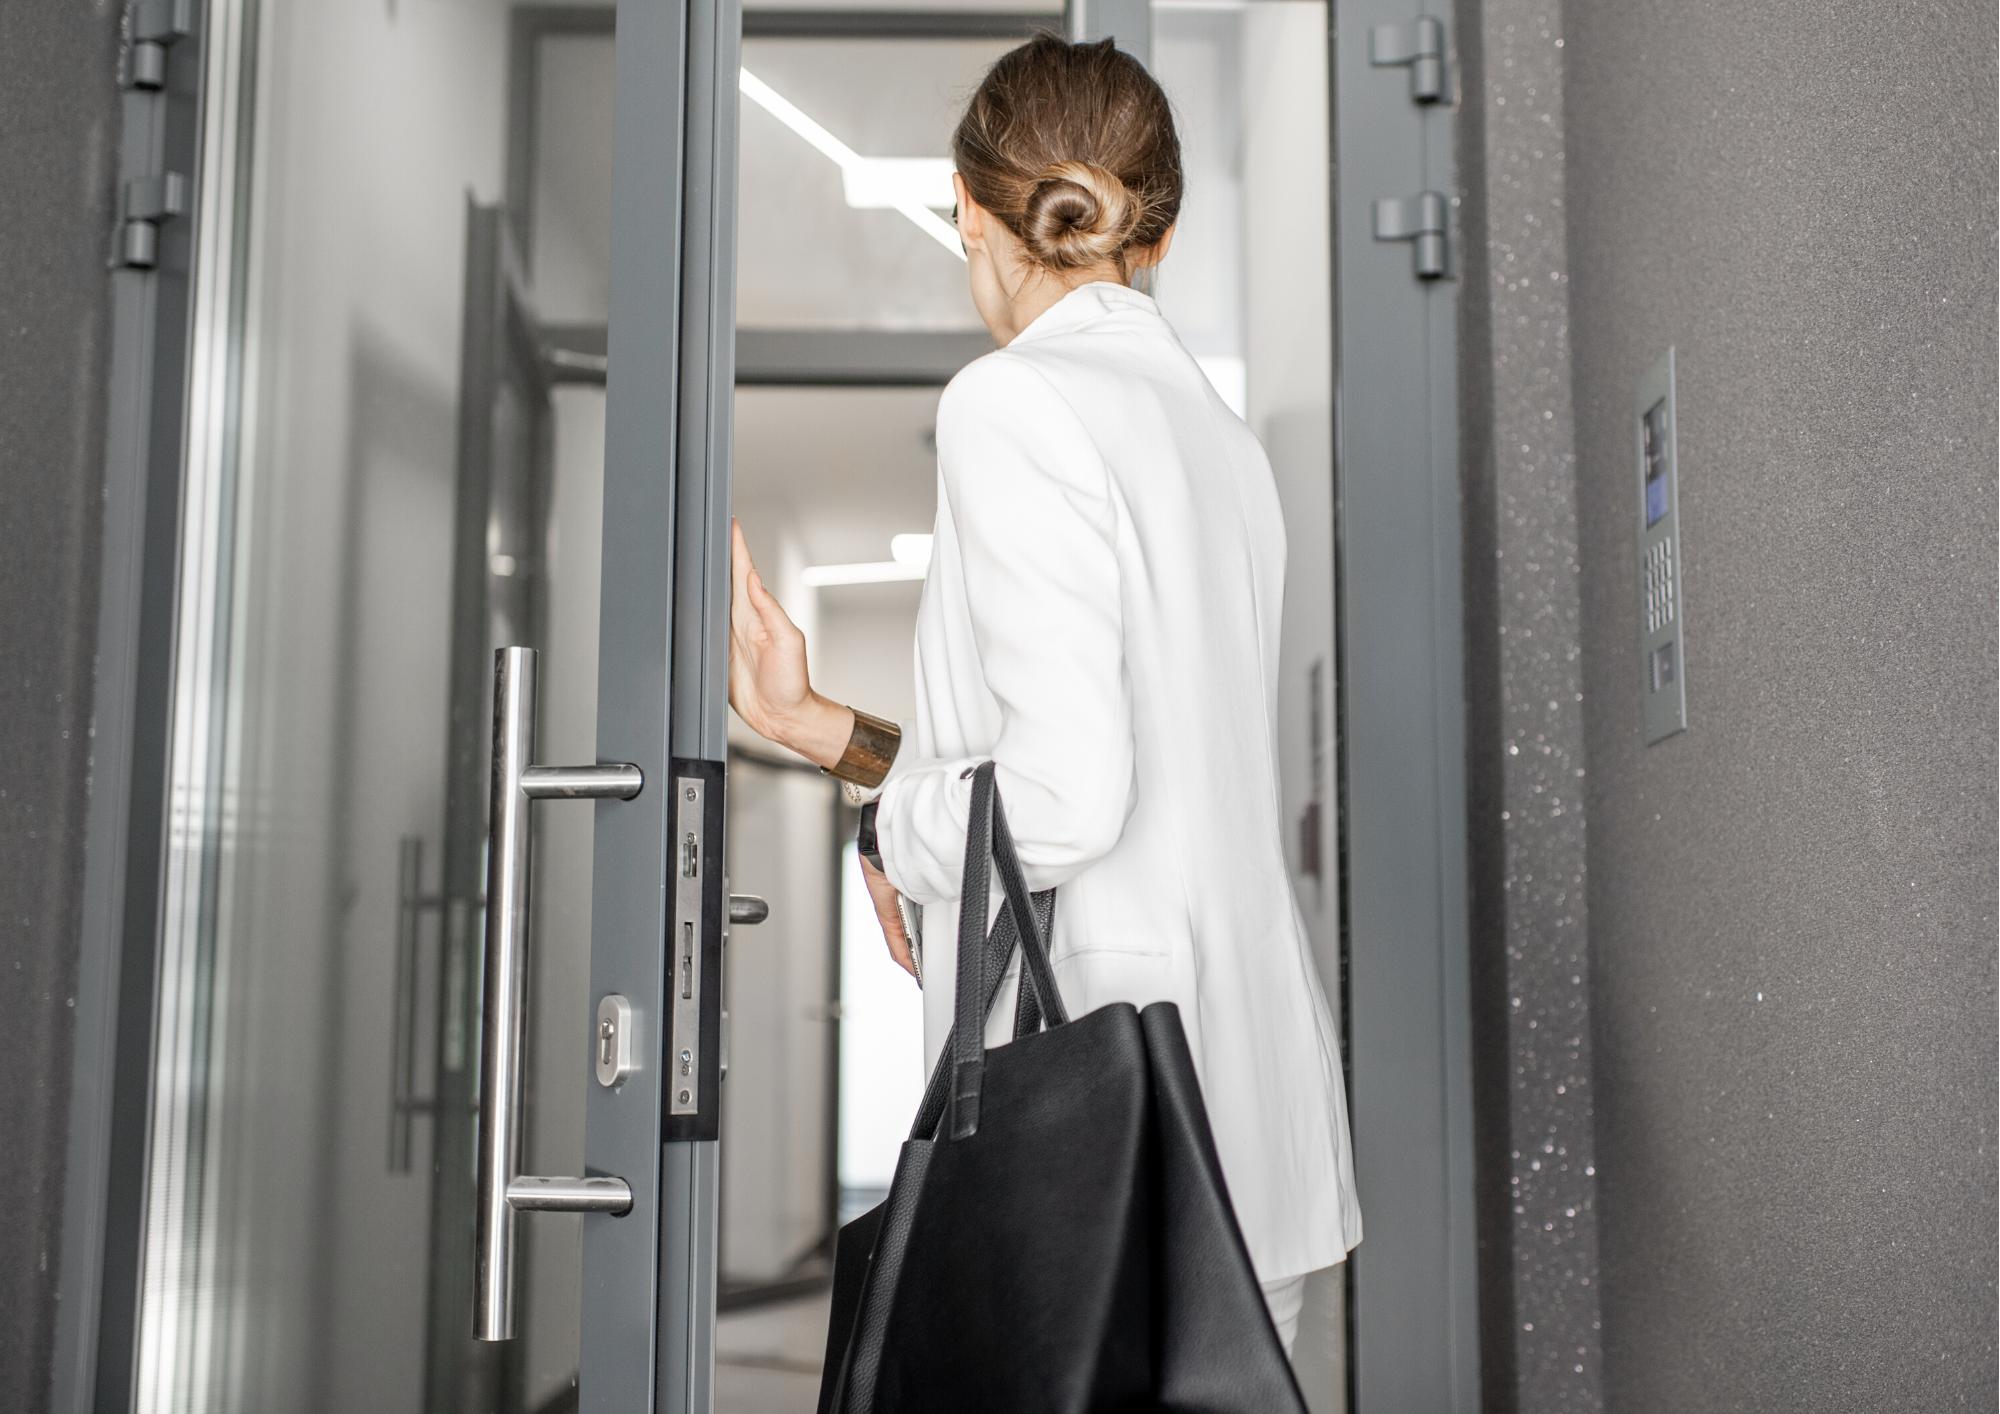 Fokus når den fysiske arbejdsplads åbner